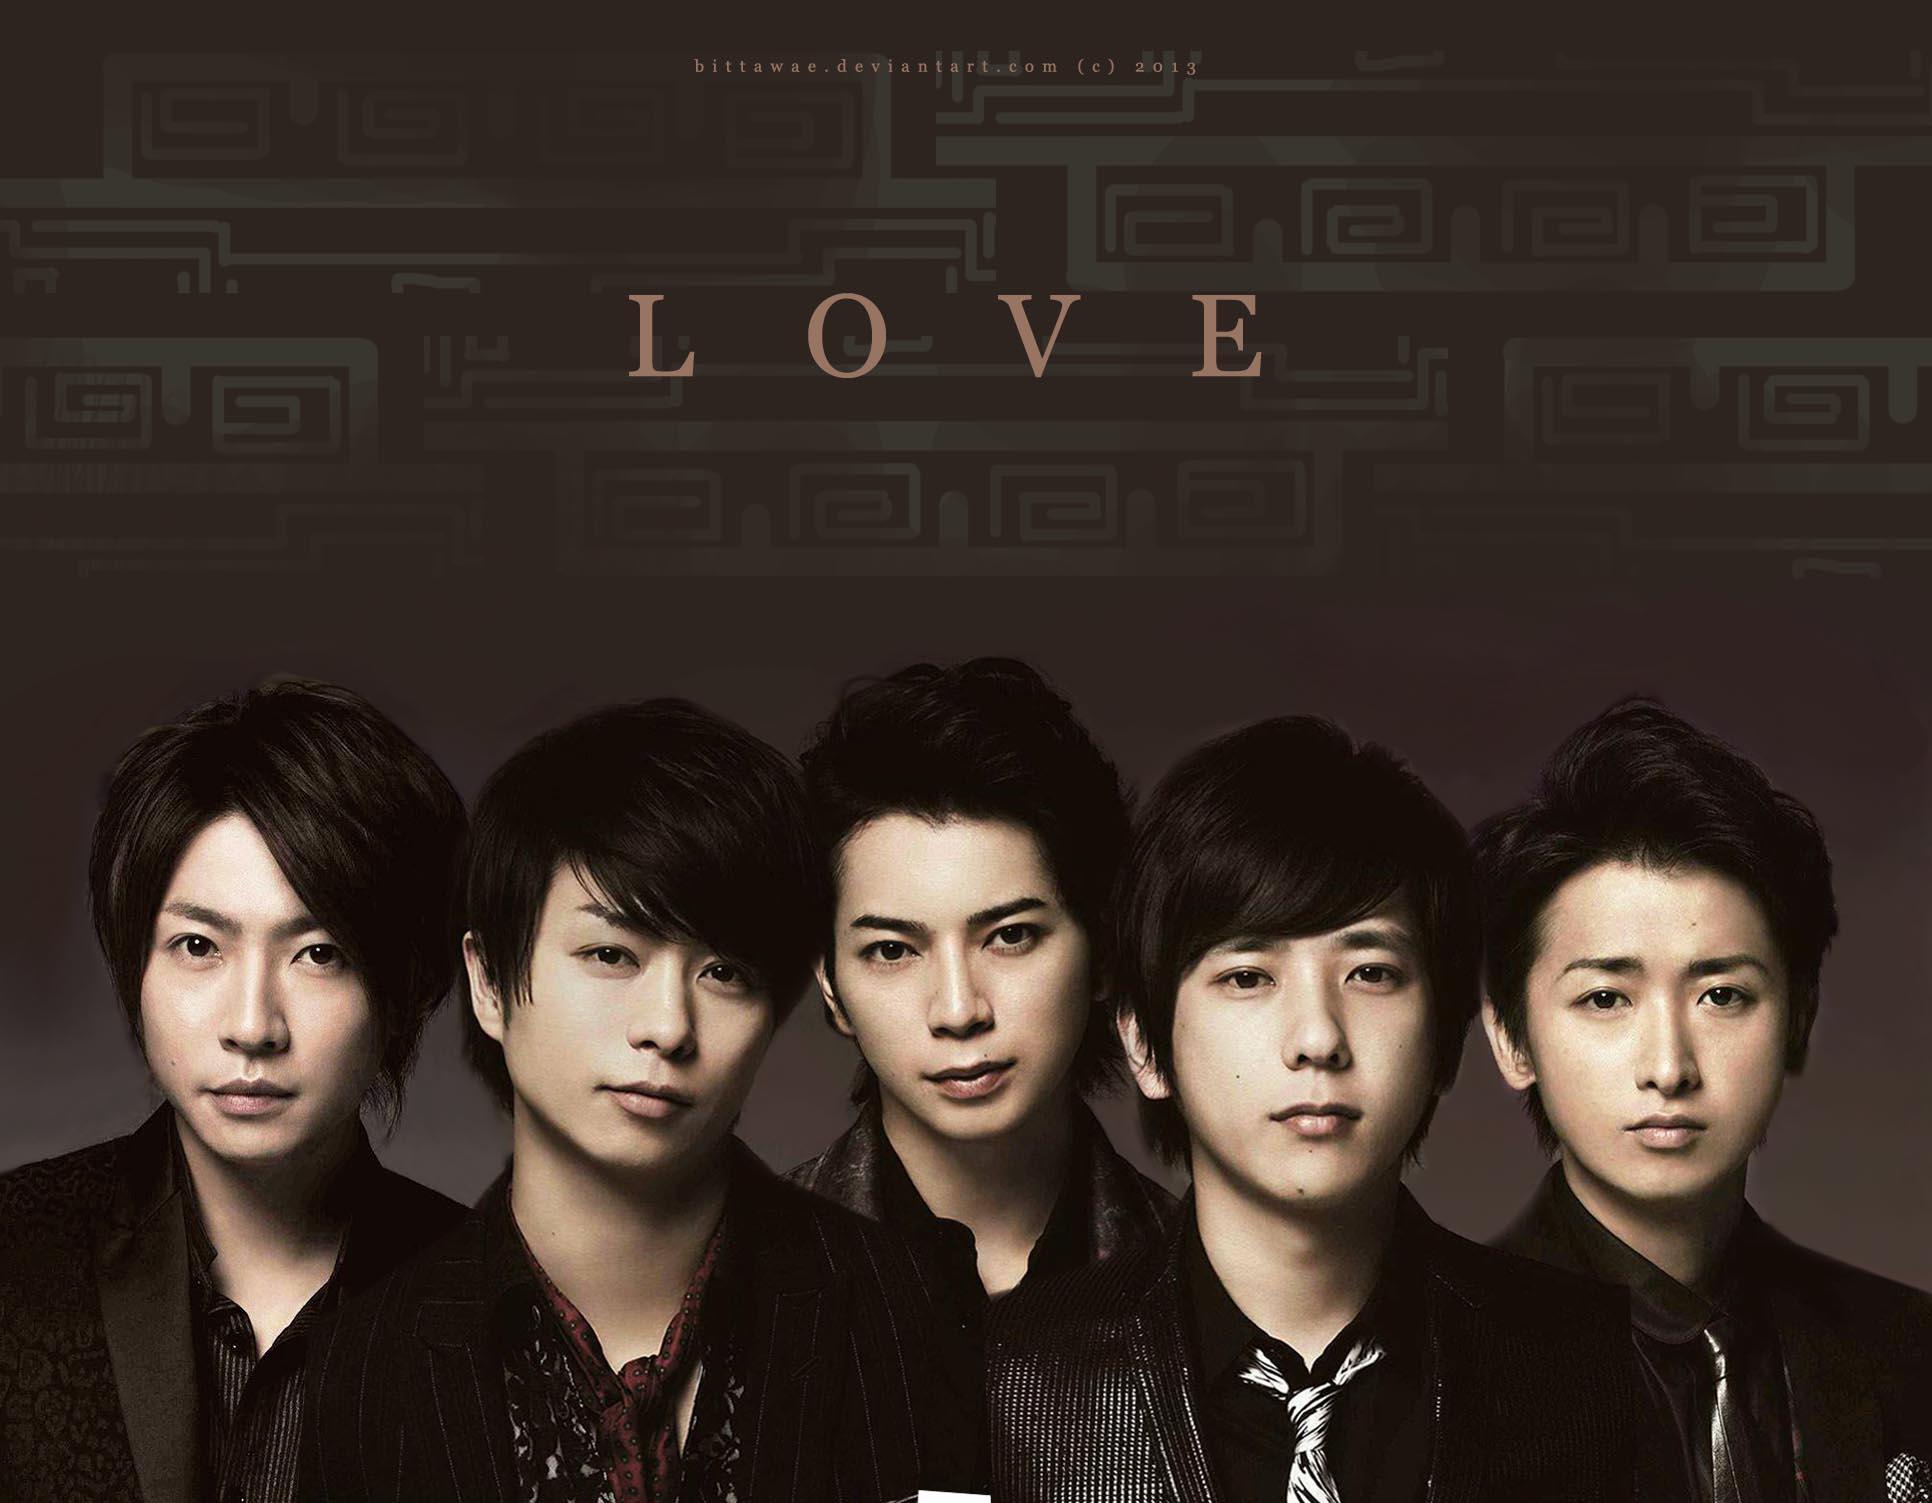 https://i1.wp.com/images6.fanpop.com/image/photos/36200000/Arashi-image-arashi-36239387-1932-1503.jpg